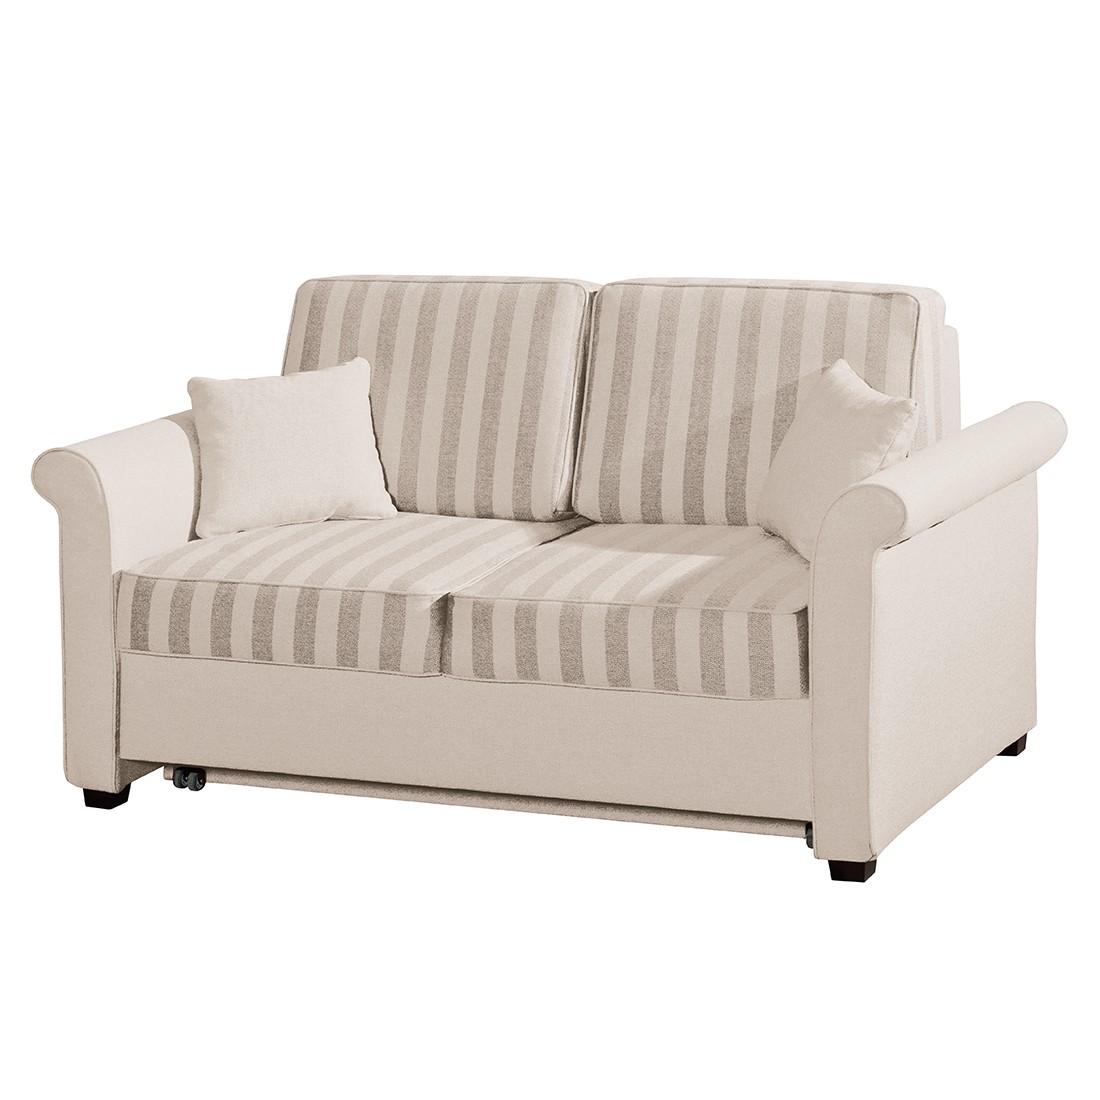 kratzbaum gro e liegefl che preisvergleich die besten angebote online kaufen. Black Bedroom Furniture Sets. Home Design Ideas